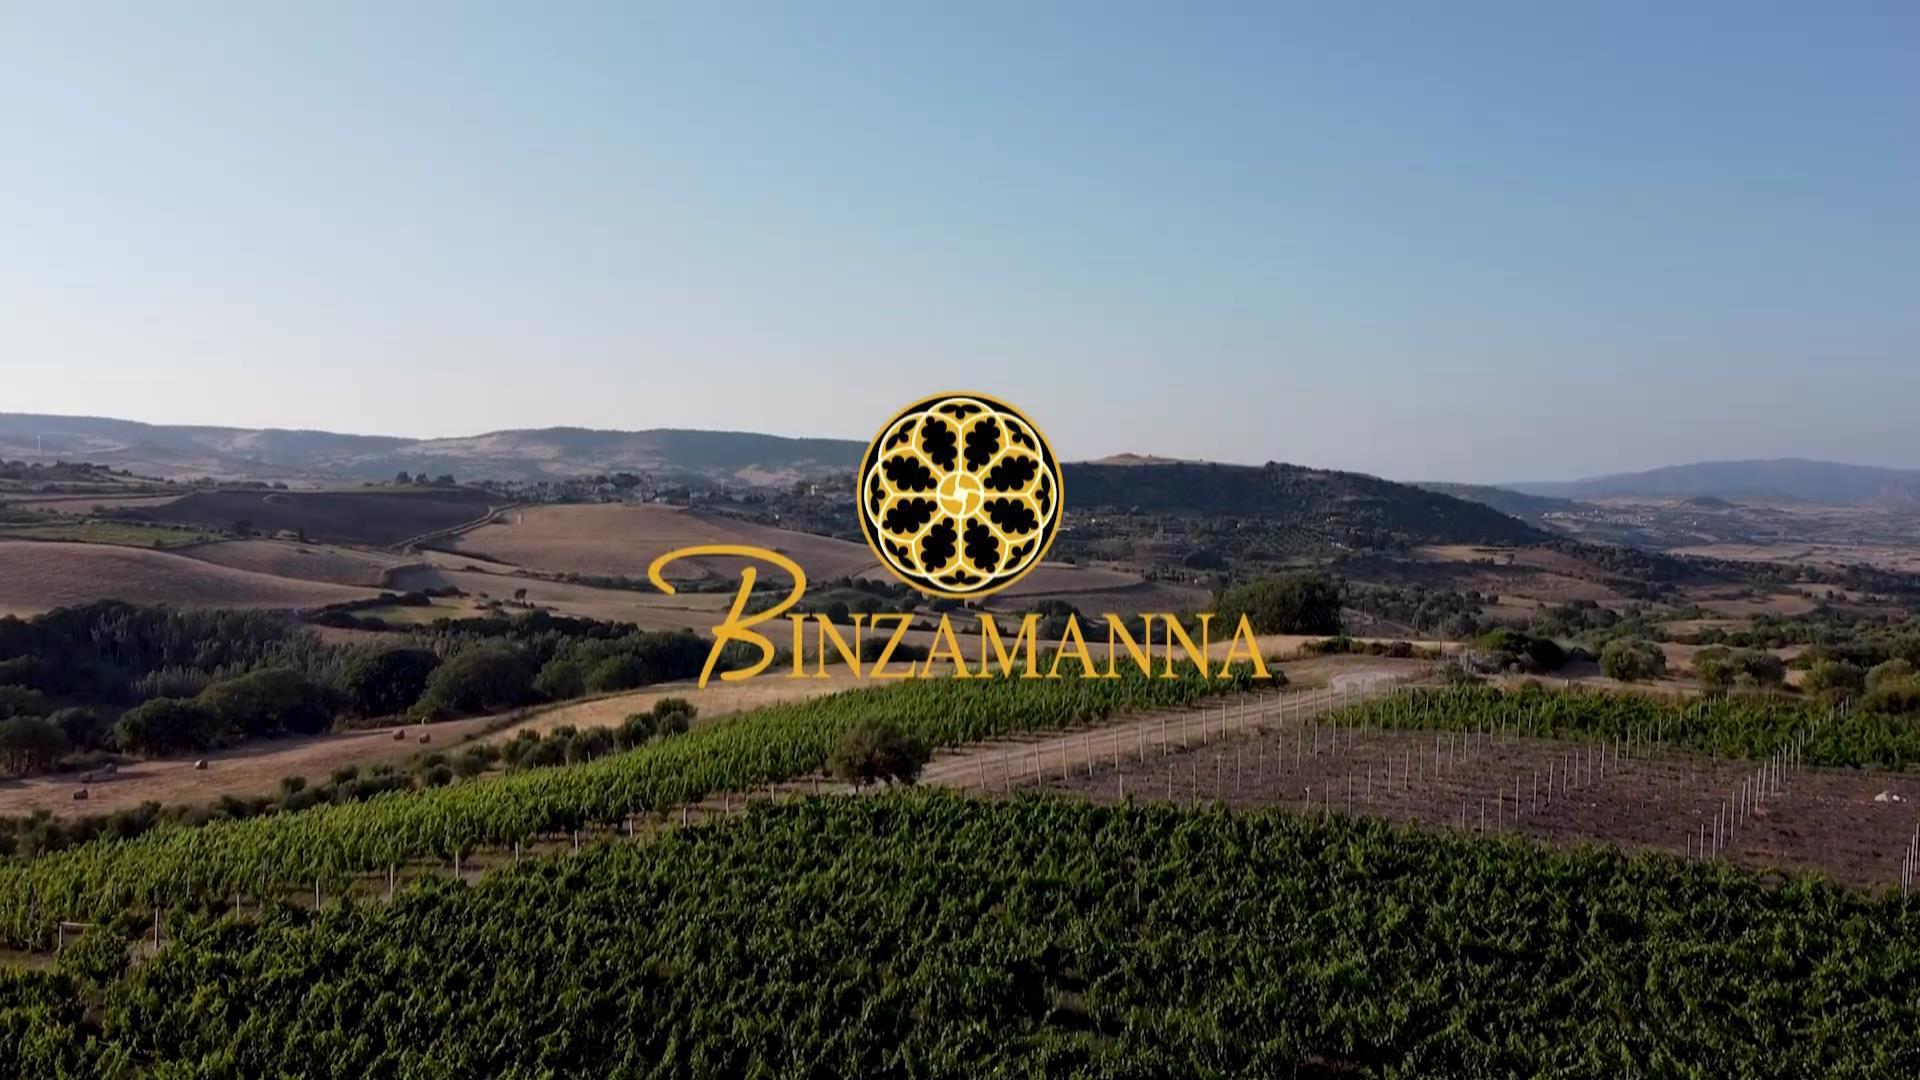 Film about binzamanna winery